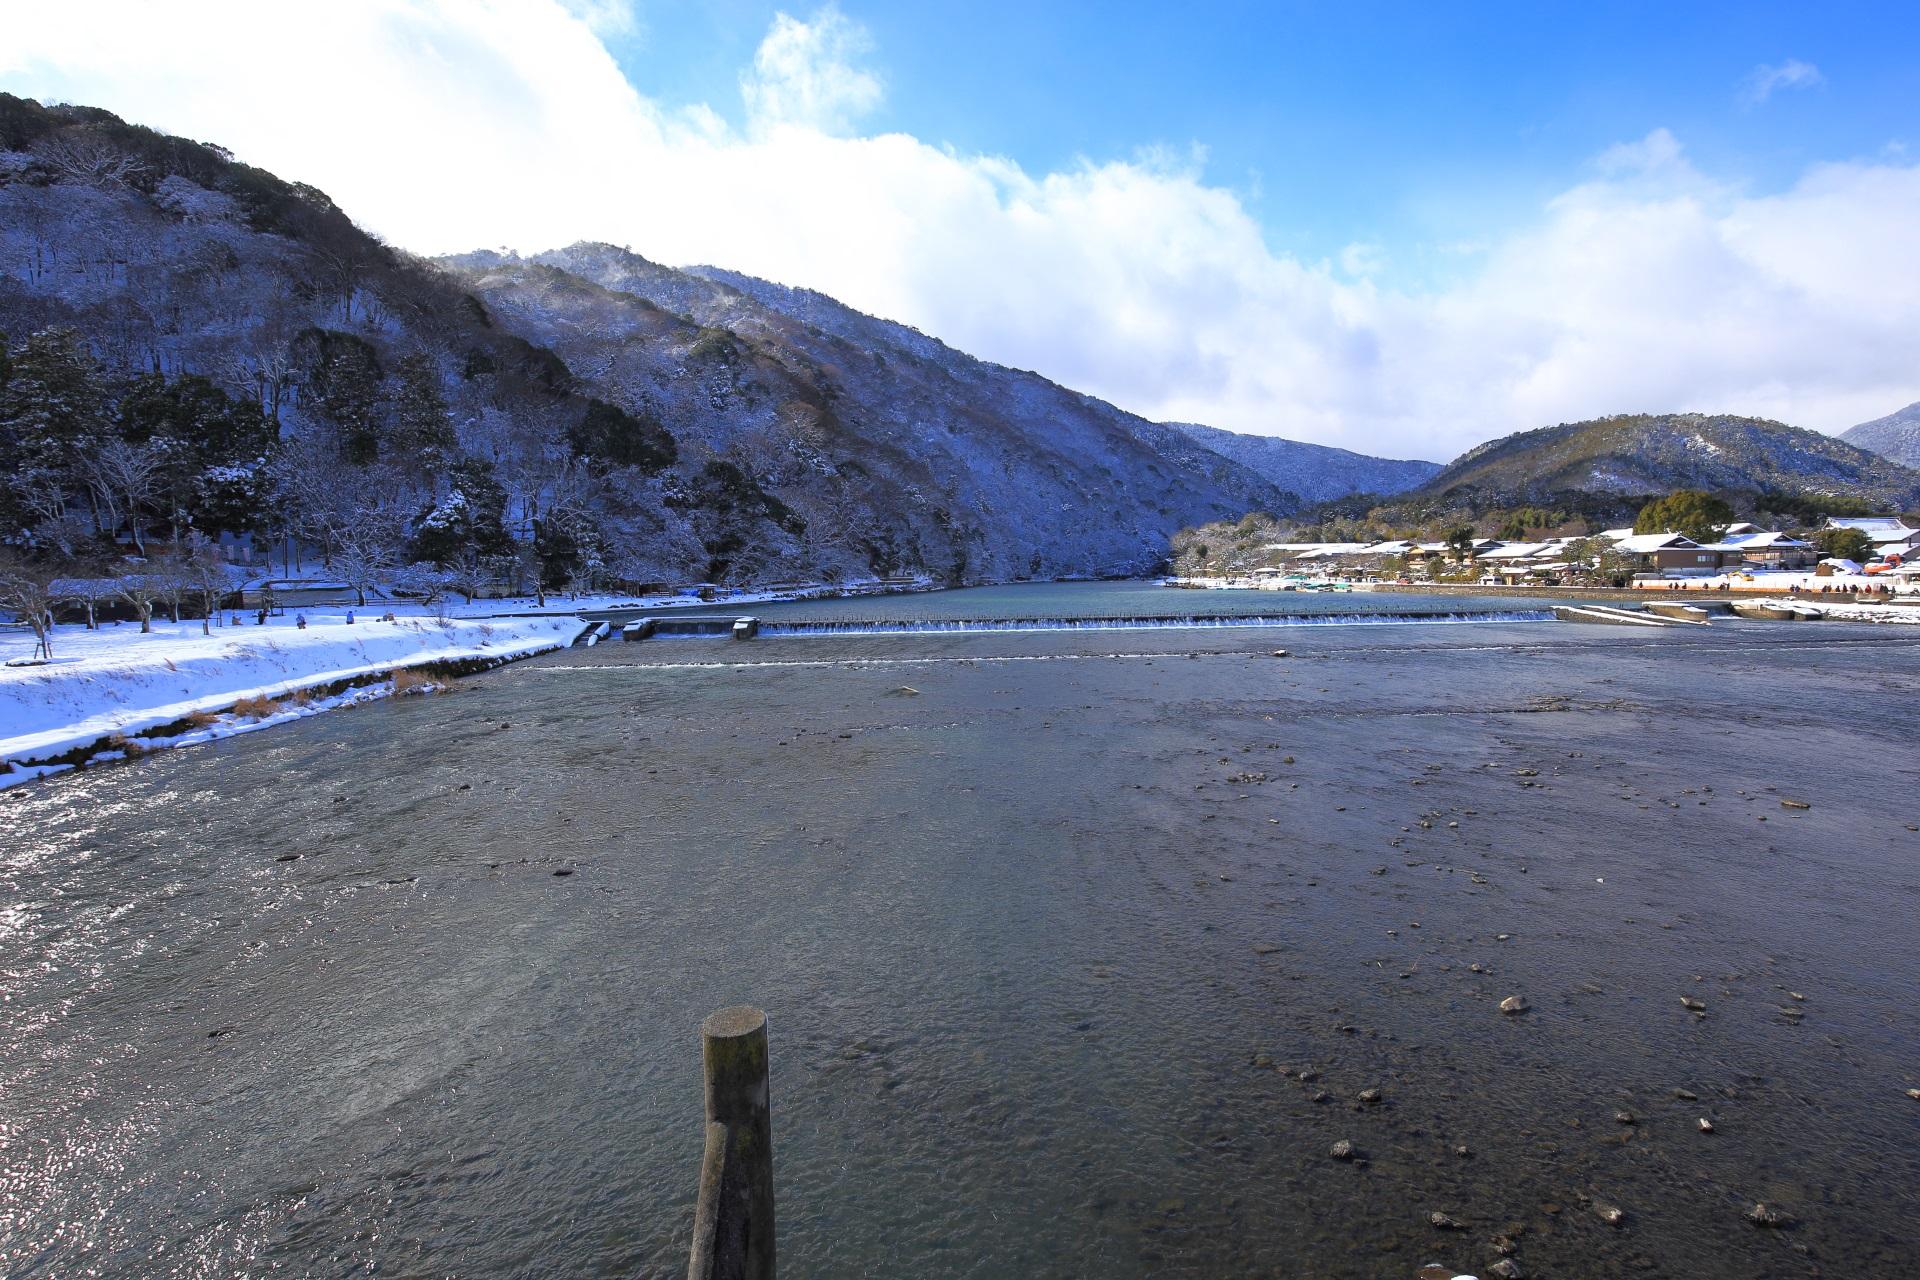 素晴らしい保津川と嵐山の雪景色と青空